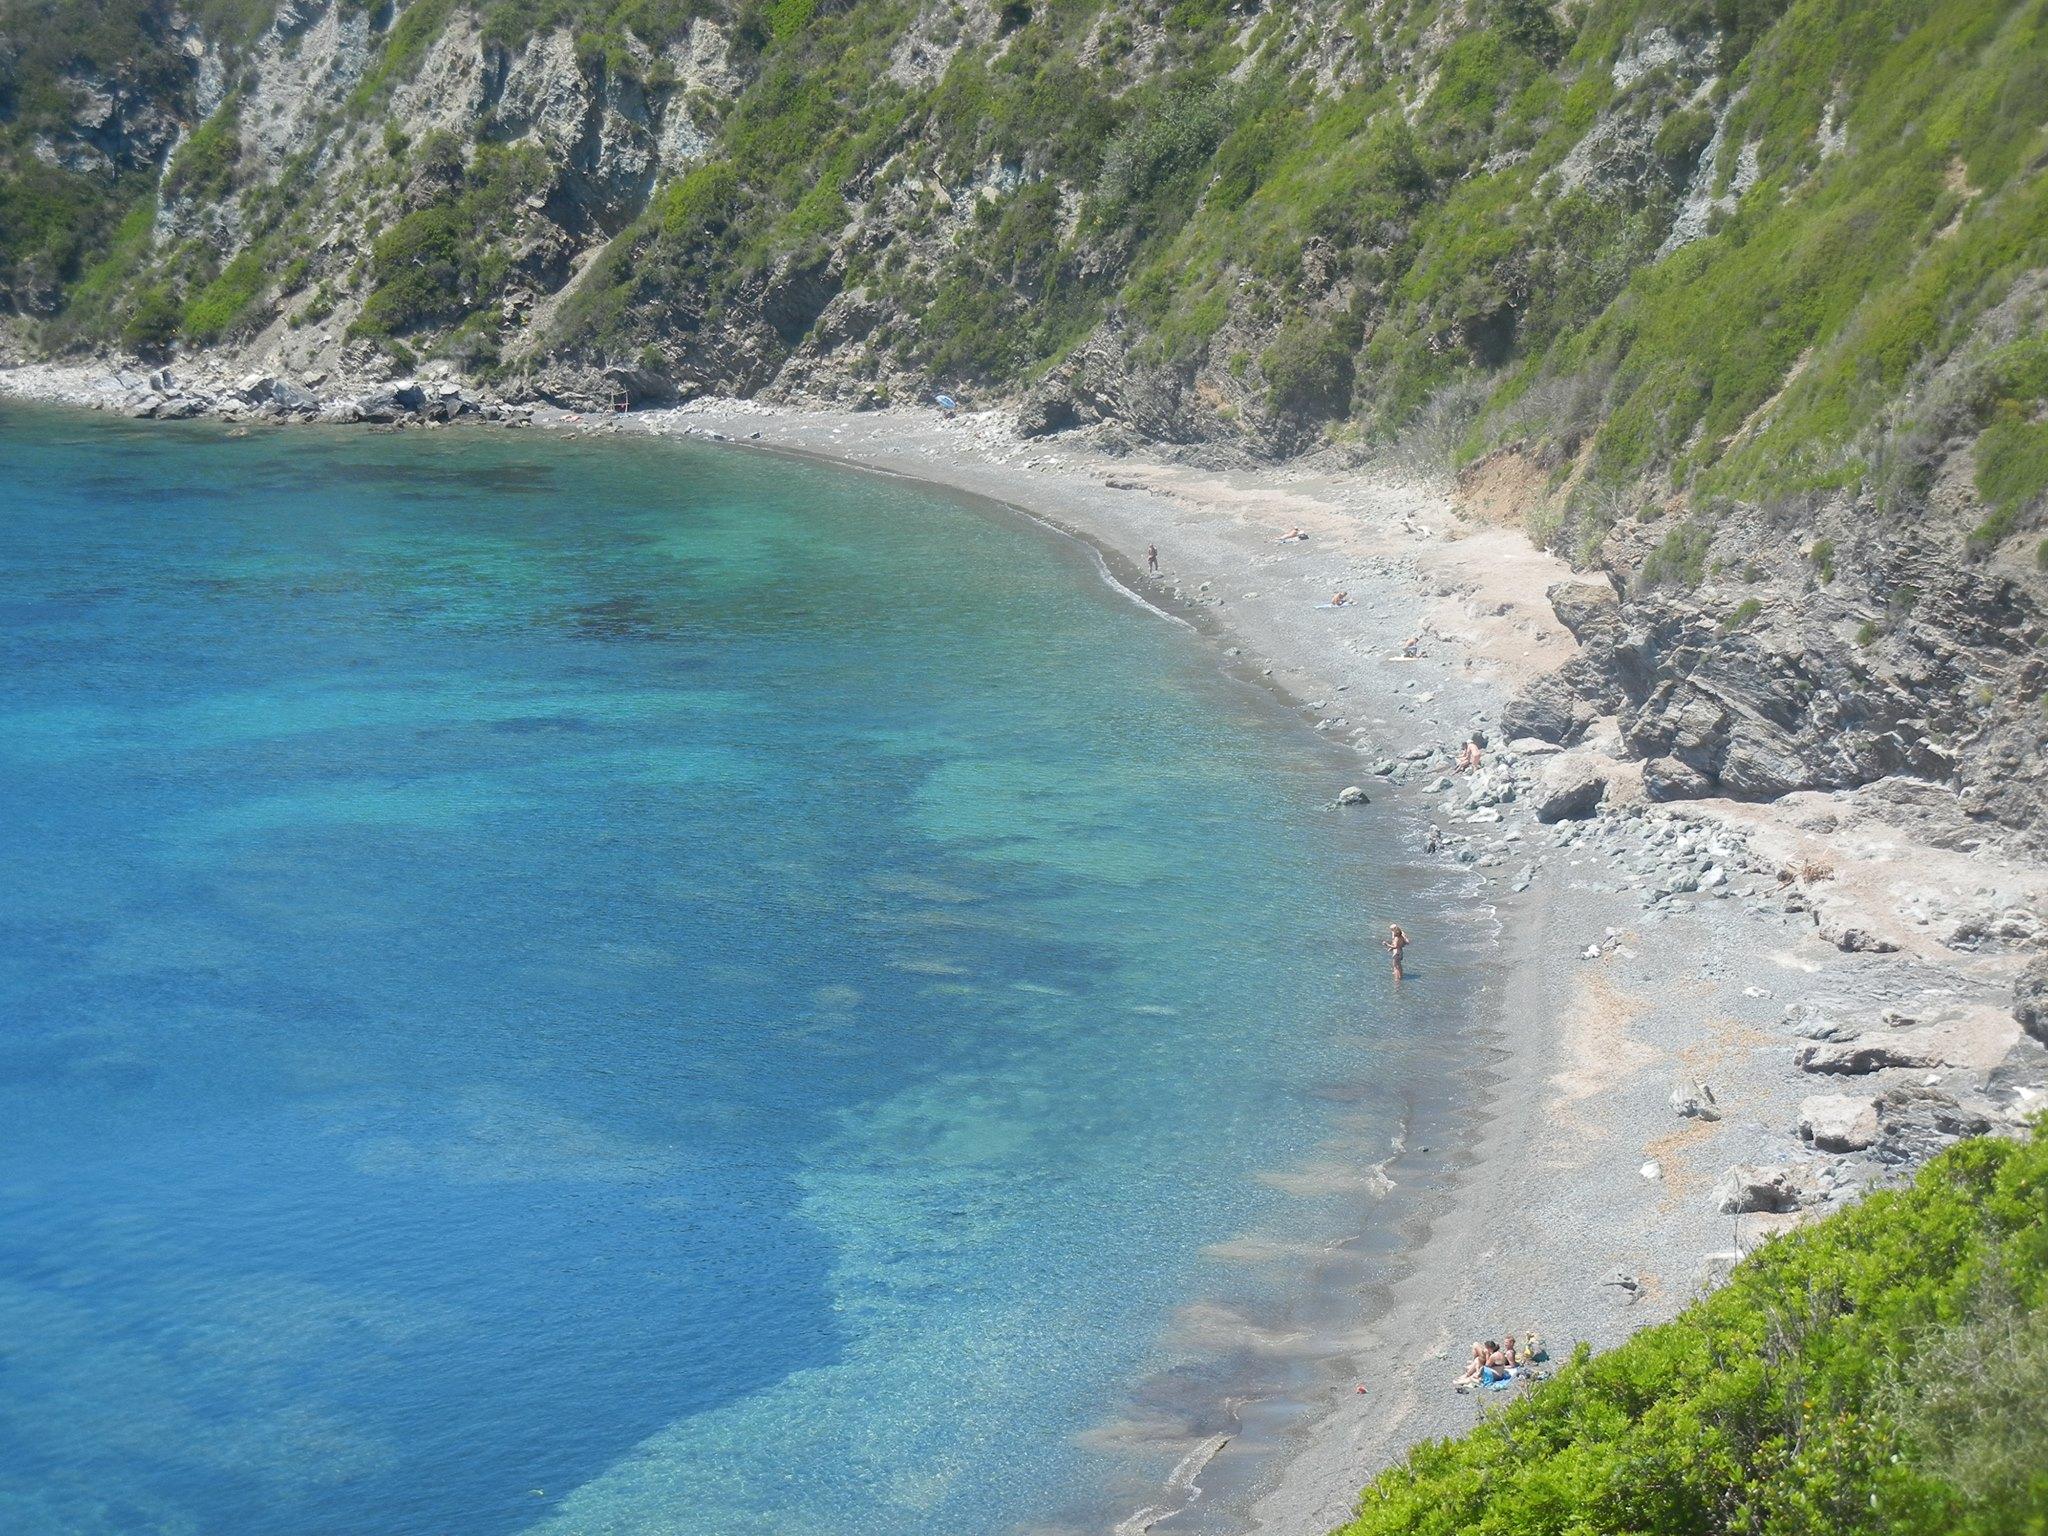 Acqua cristallina spiaggia di Acquarilli (Foto A.Pazzagli)